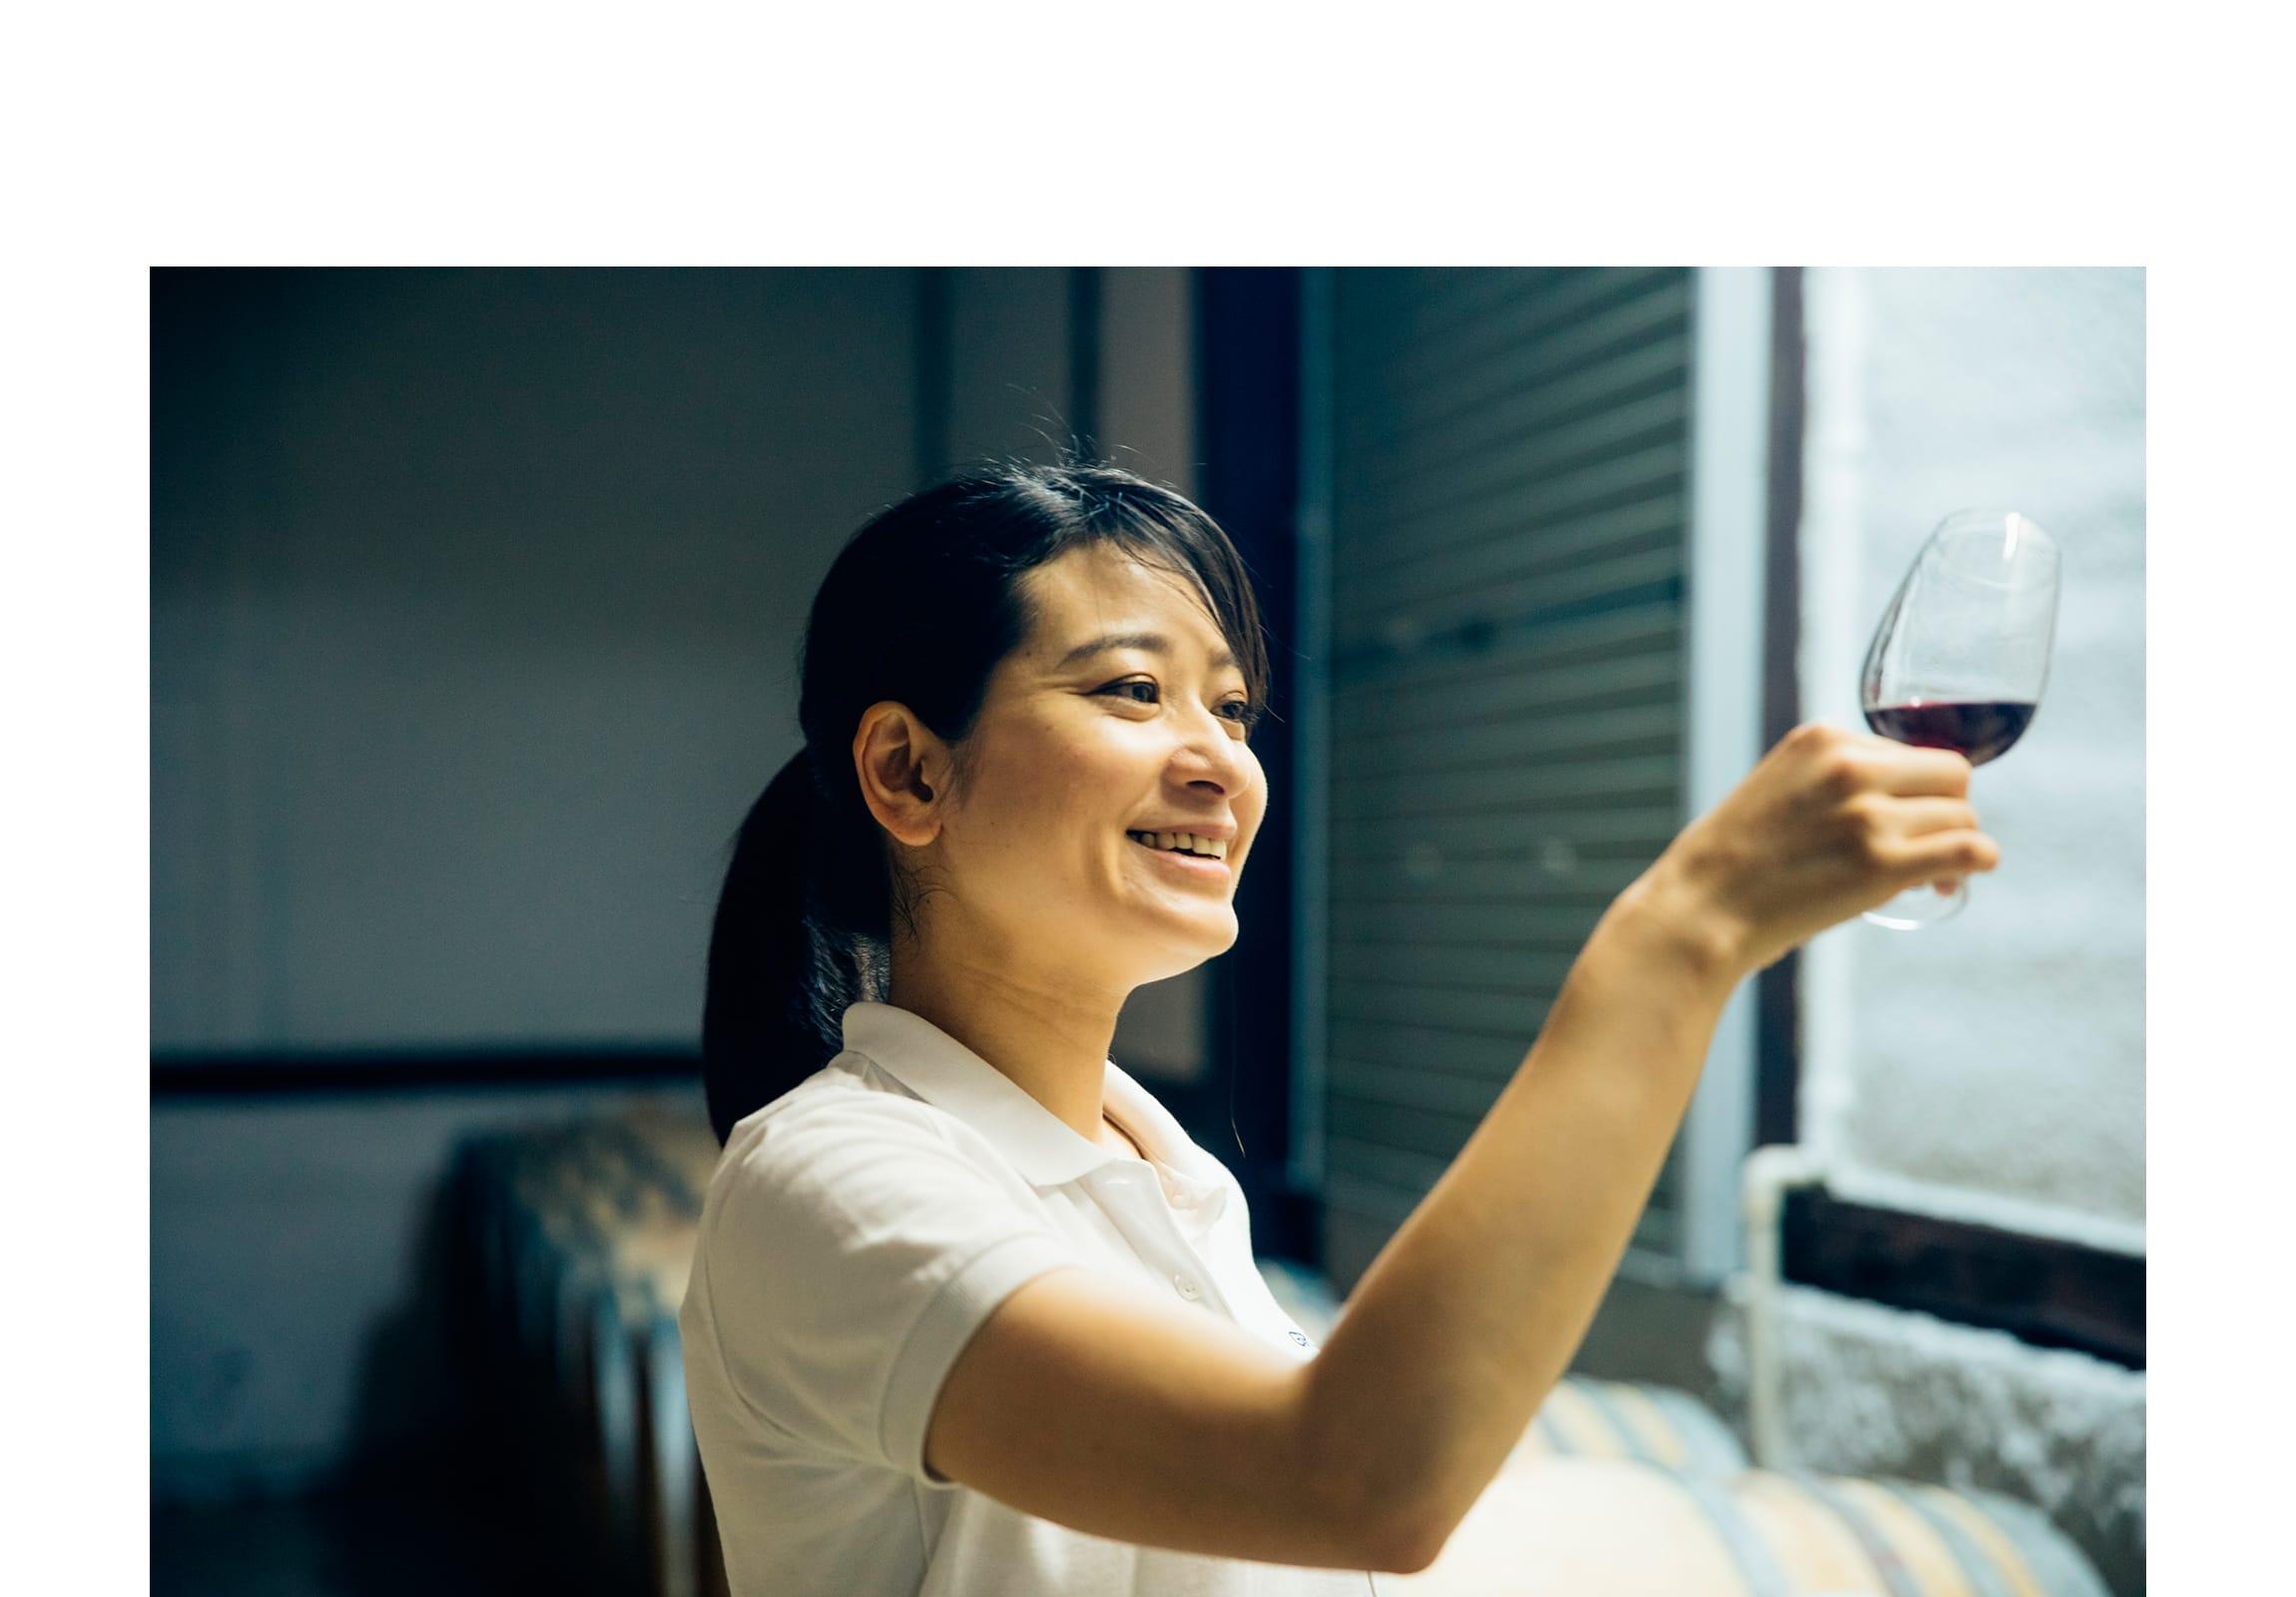 セラーで樽から抽出したワインを確認する。鮮やかなルビー色のワインは「Yamanashi de Grace」